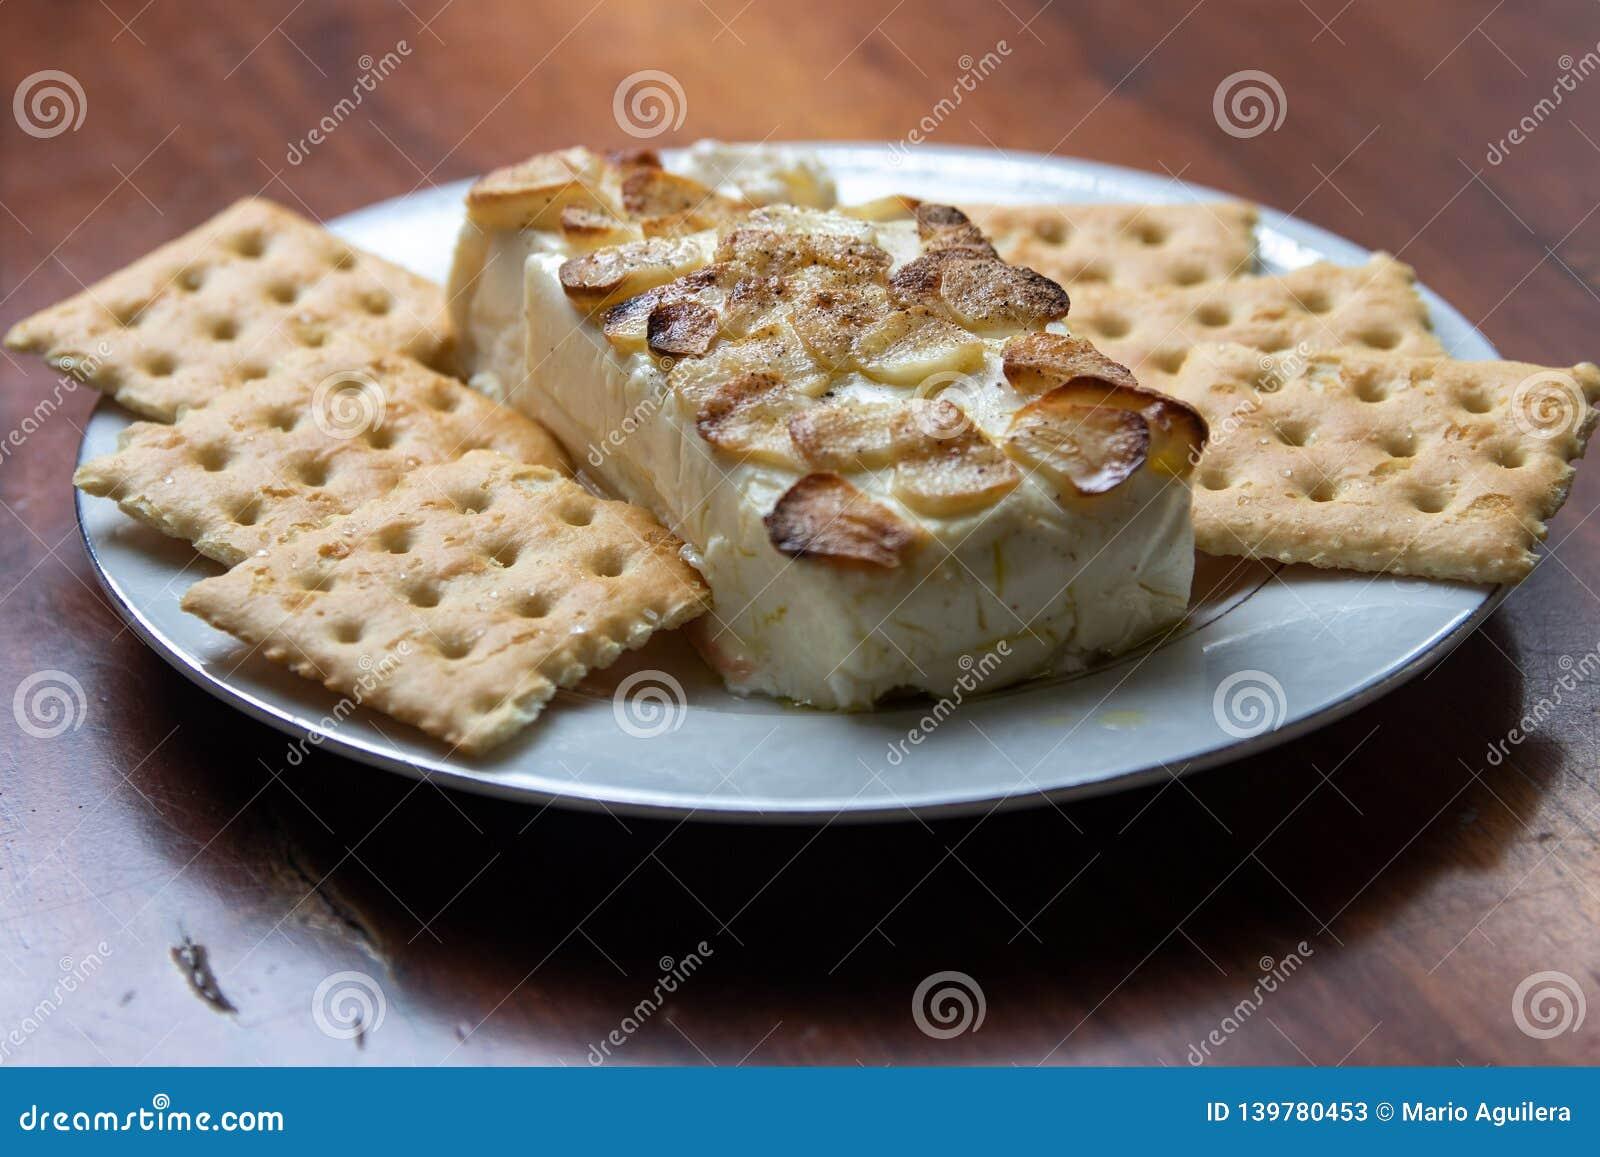 Garlic and cheese dip